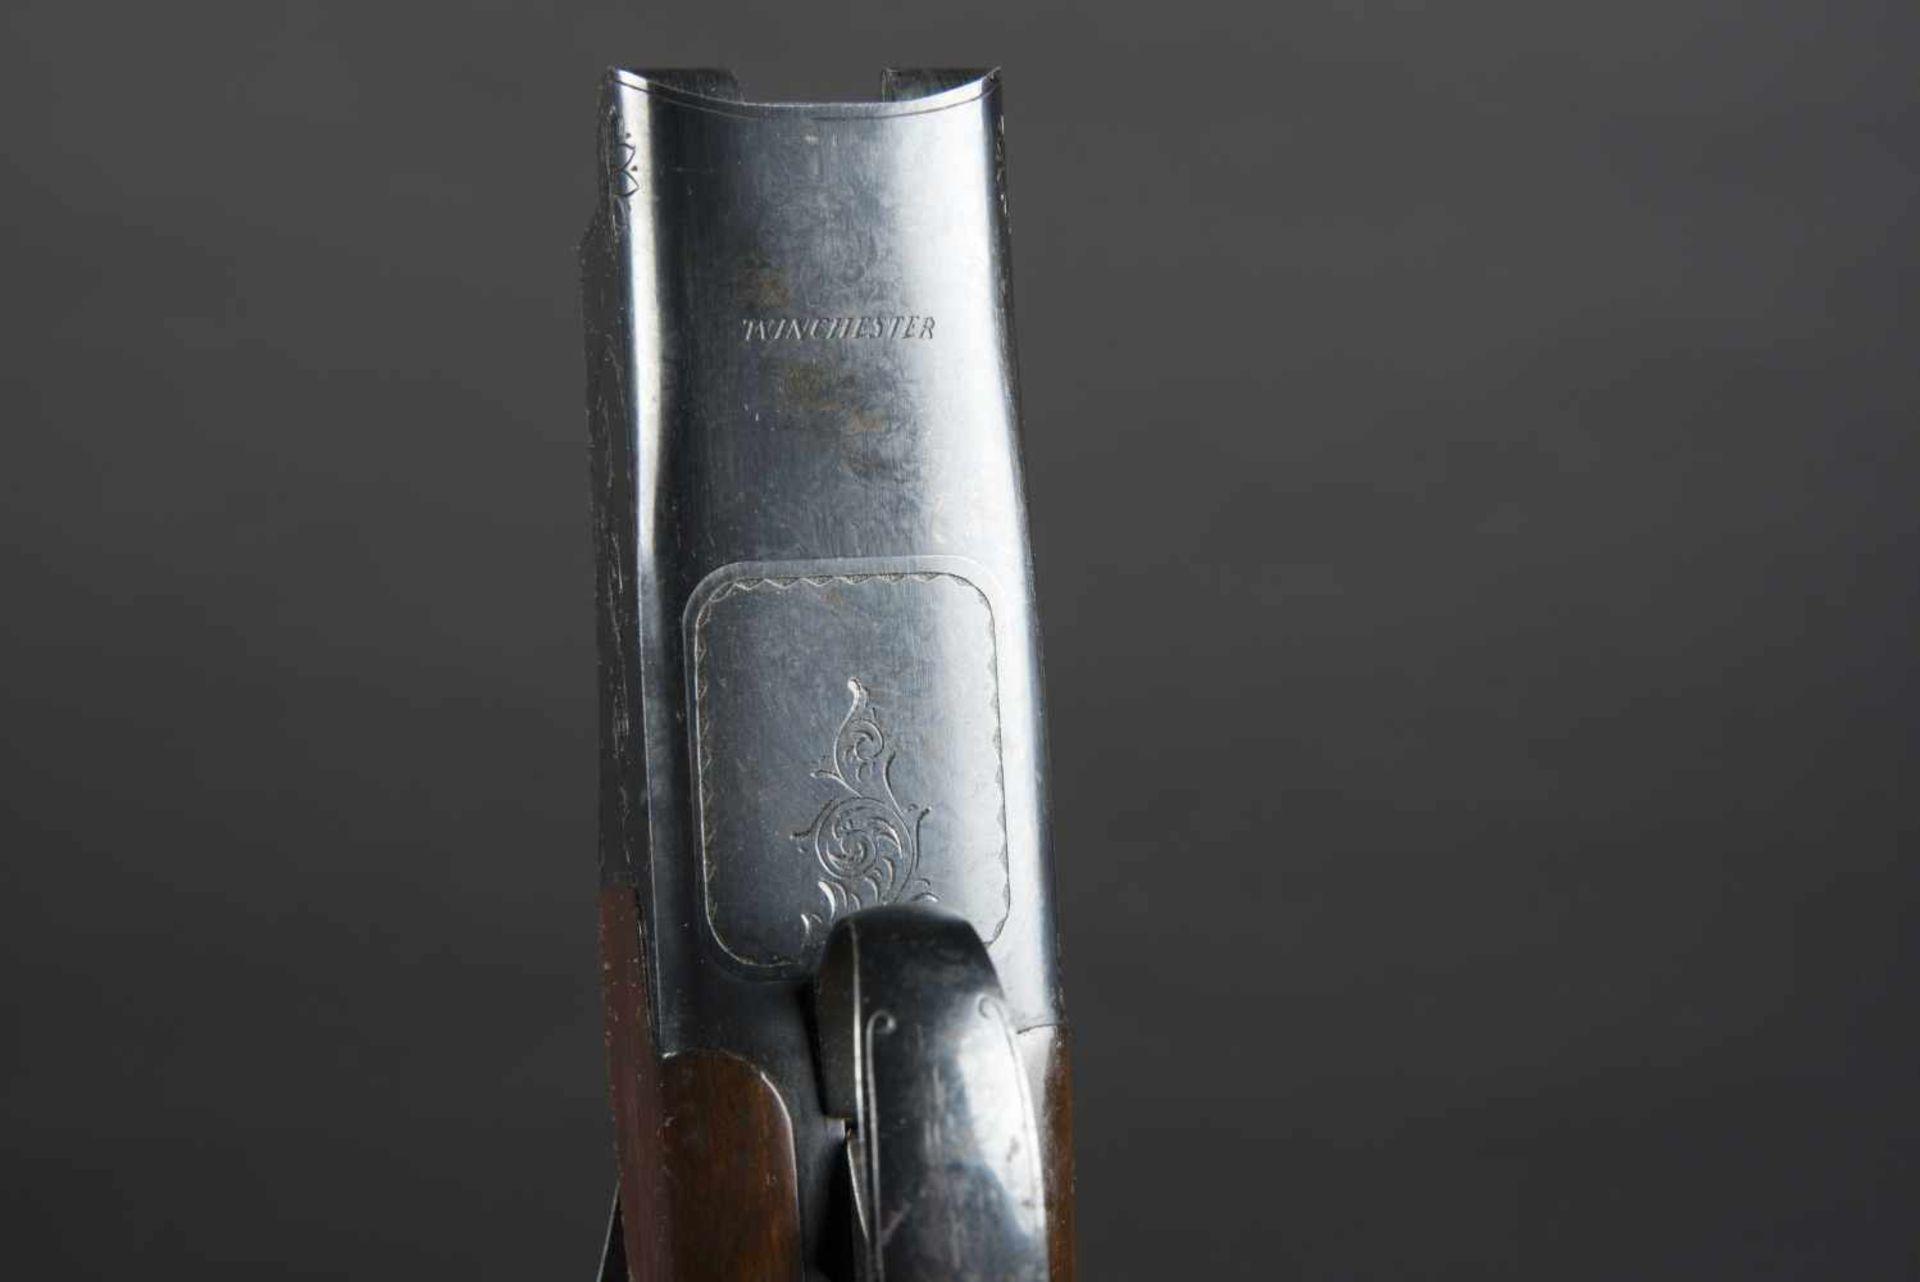 Fusil superposé Winchester Mod 40, catégorie C Calibre 12/70, numéro 391616. Certificat du Banc d' - Bild 4 aus 4